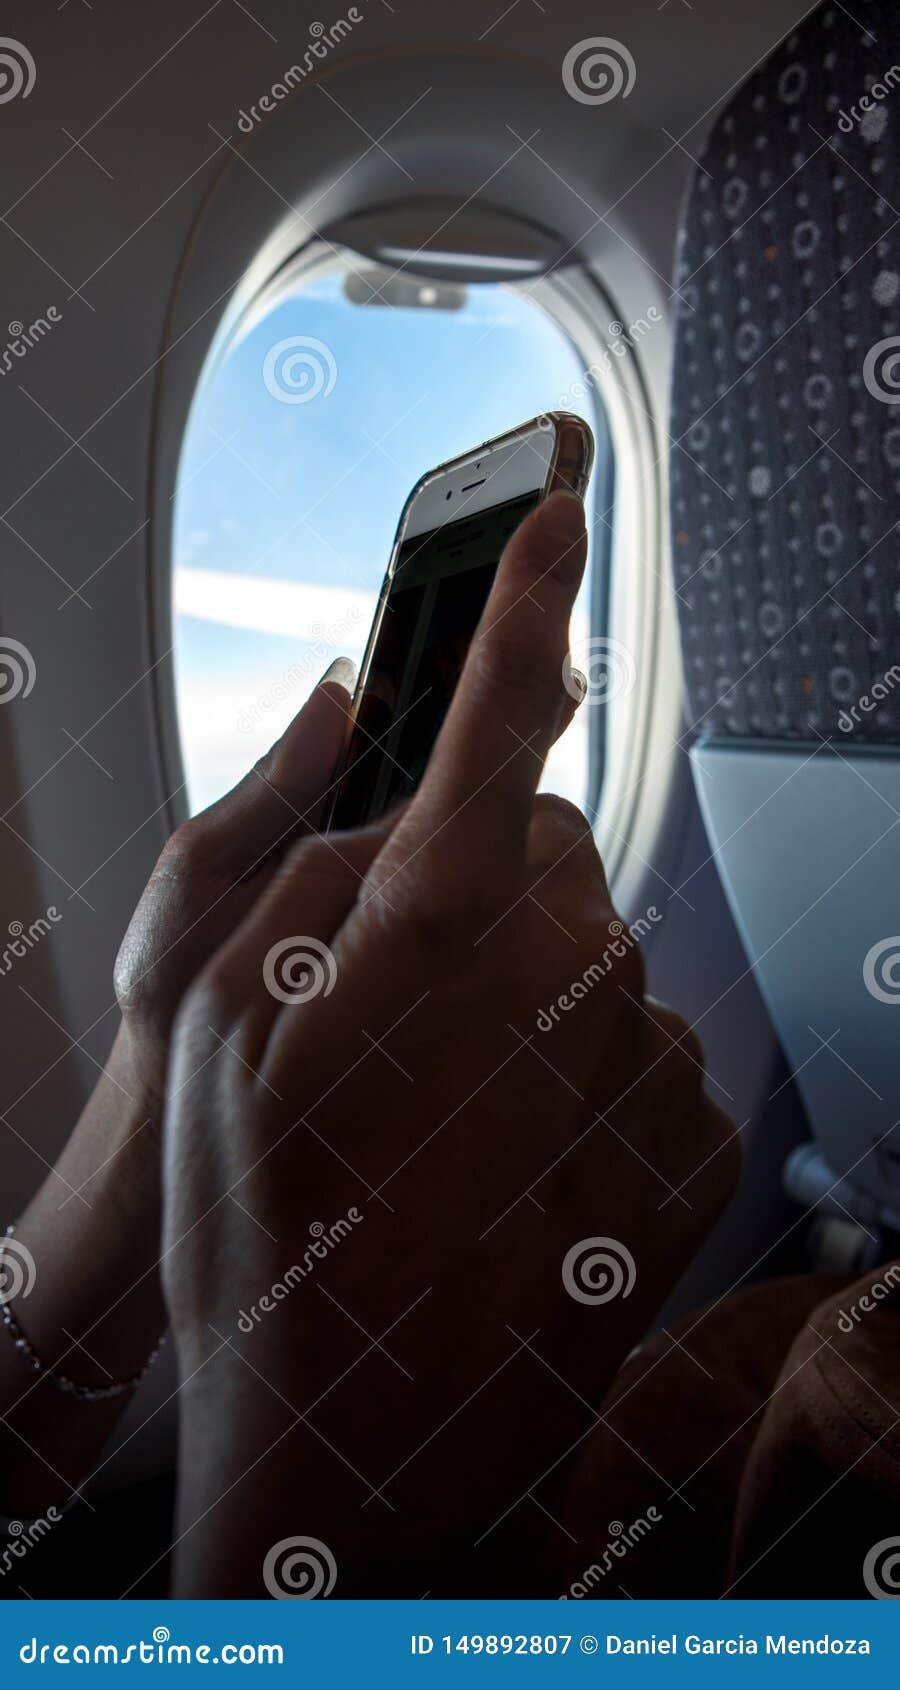 Ασιατικό smartphone εκμετάλλευσης γυναικών κατά τη διάρκεια του ταξιδιού πτήσης Ταξιδιώτης στο αεροπλάνο